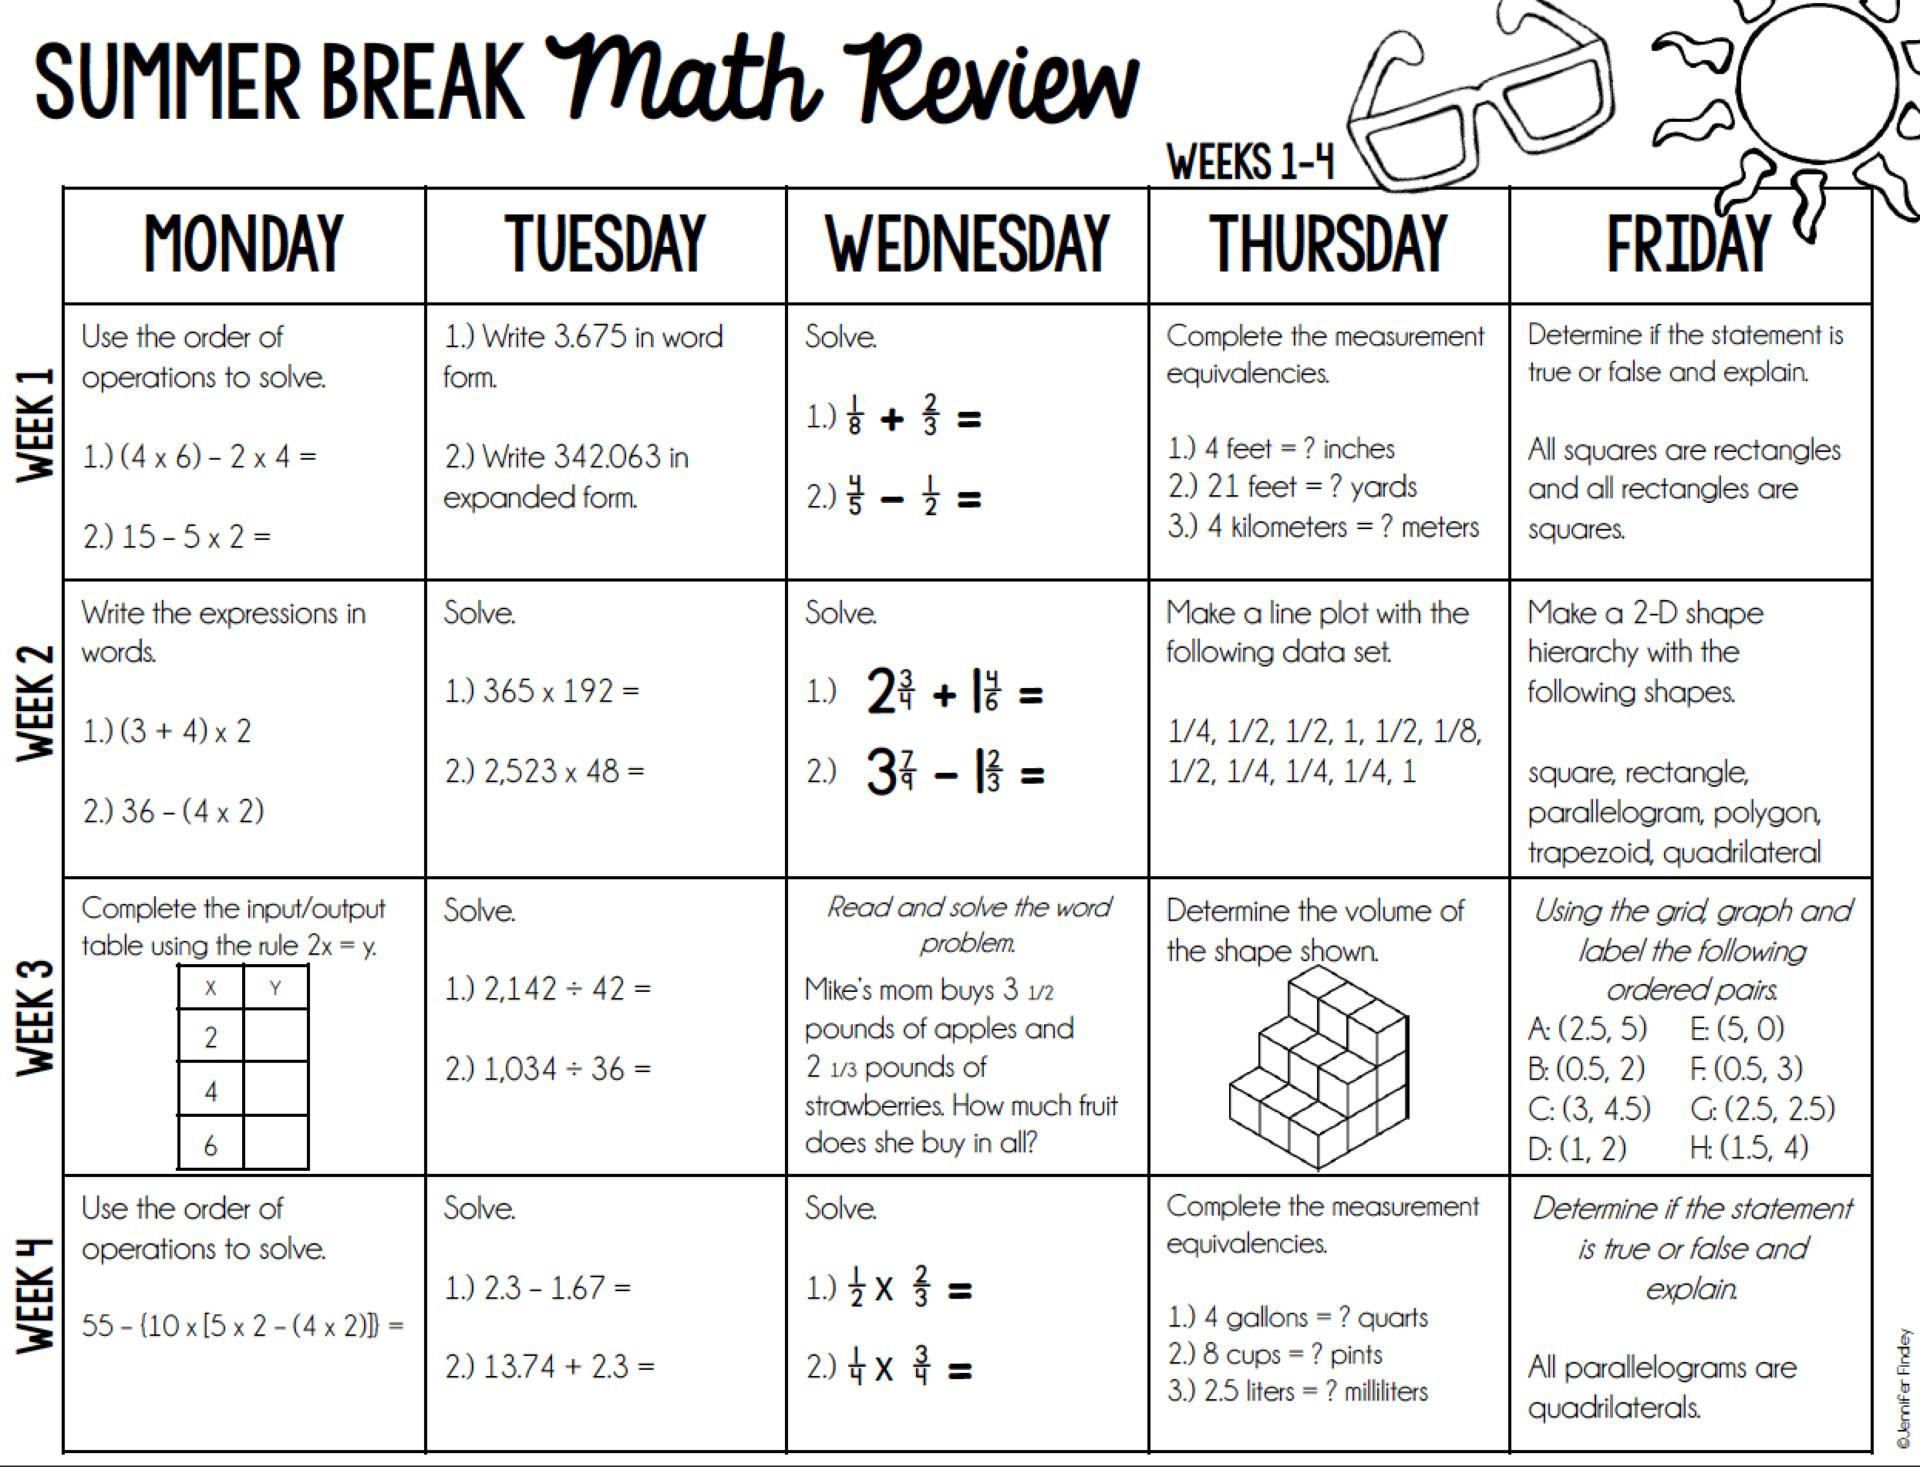 Fifth math calendar